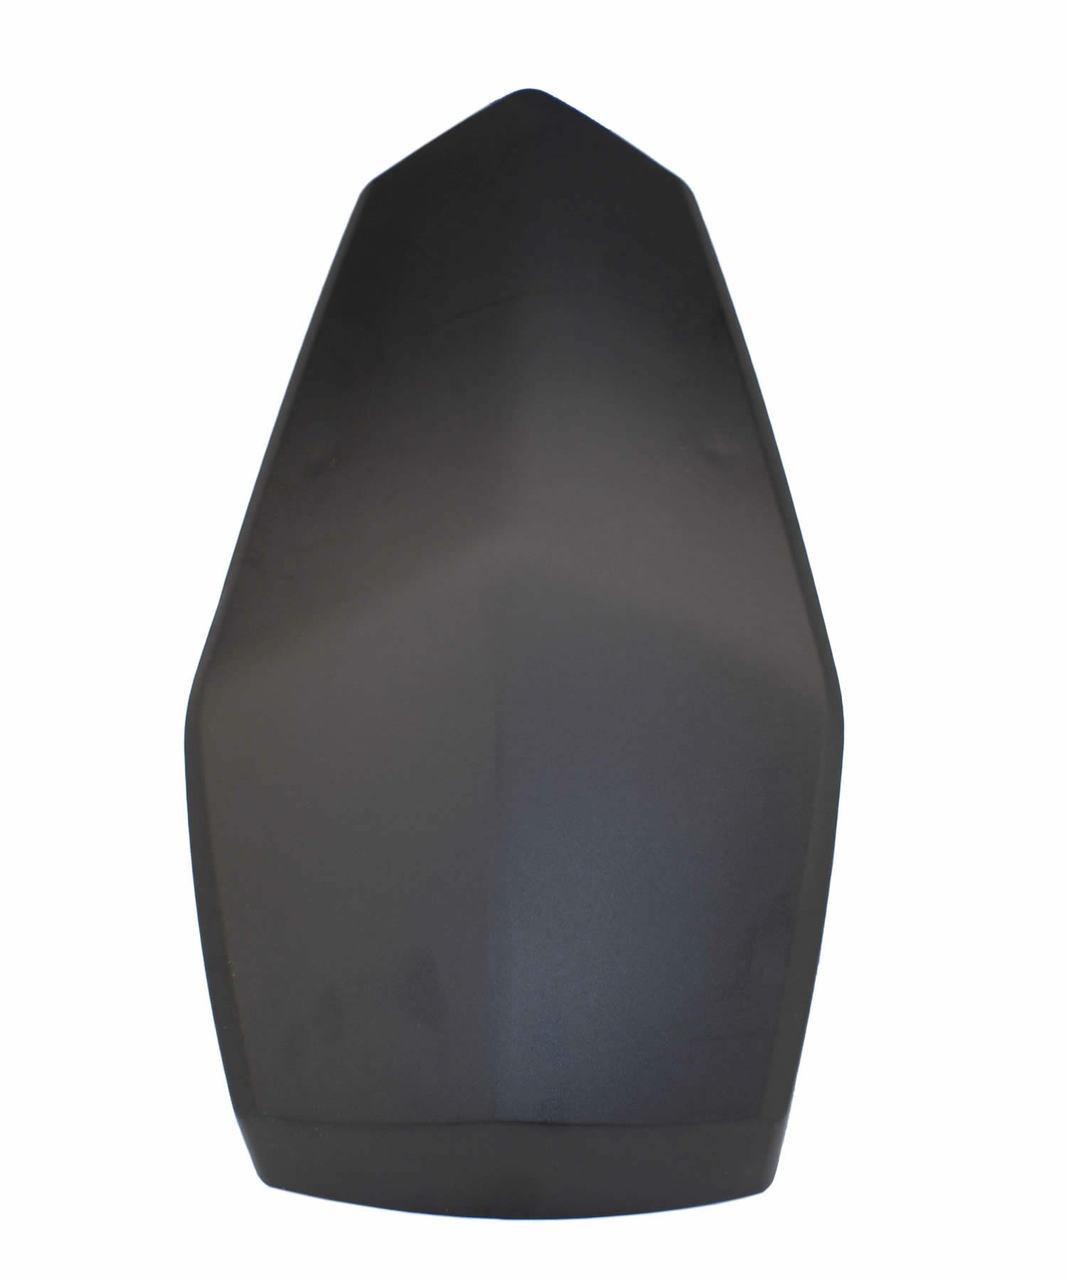 Blazer-4 150 / Blazer150X Plastic Body 1